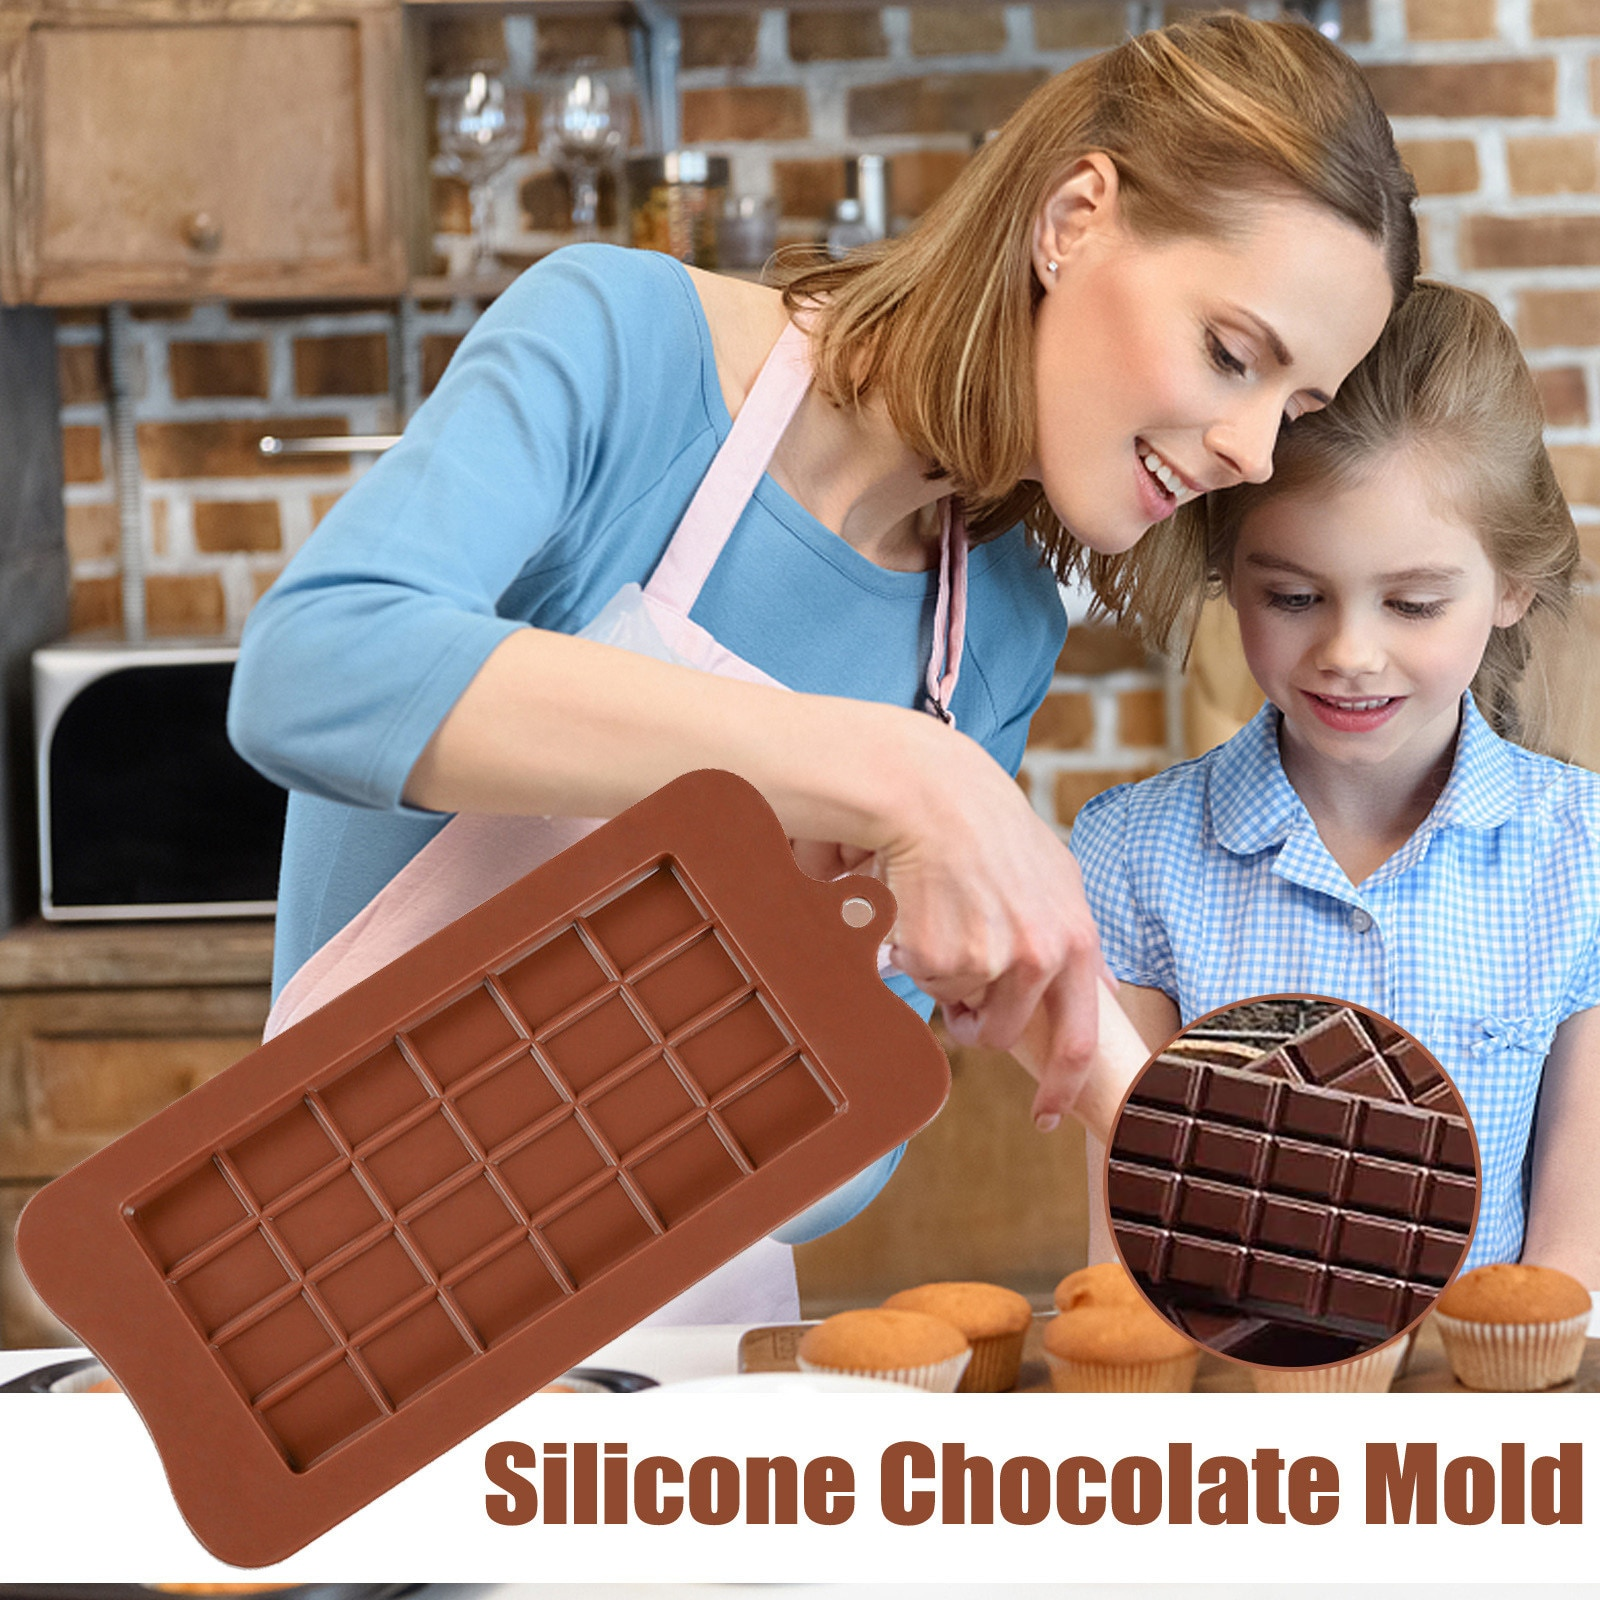 Molde de silicone 24 mesmo molde de chocolate moldes fondant diy doces barra molde bolo decoração ferramentas cozinha acessórios bakeware